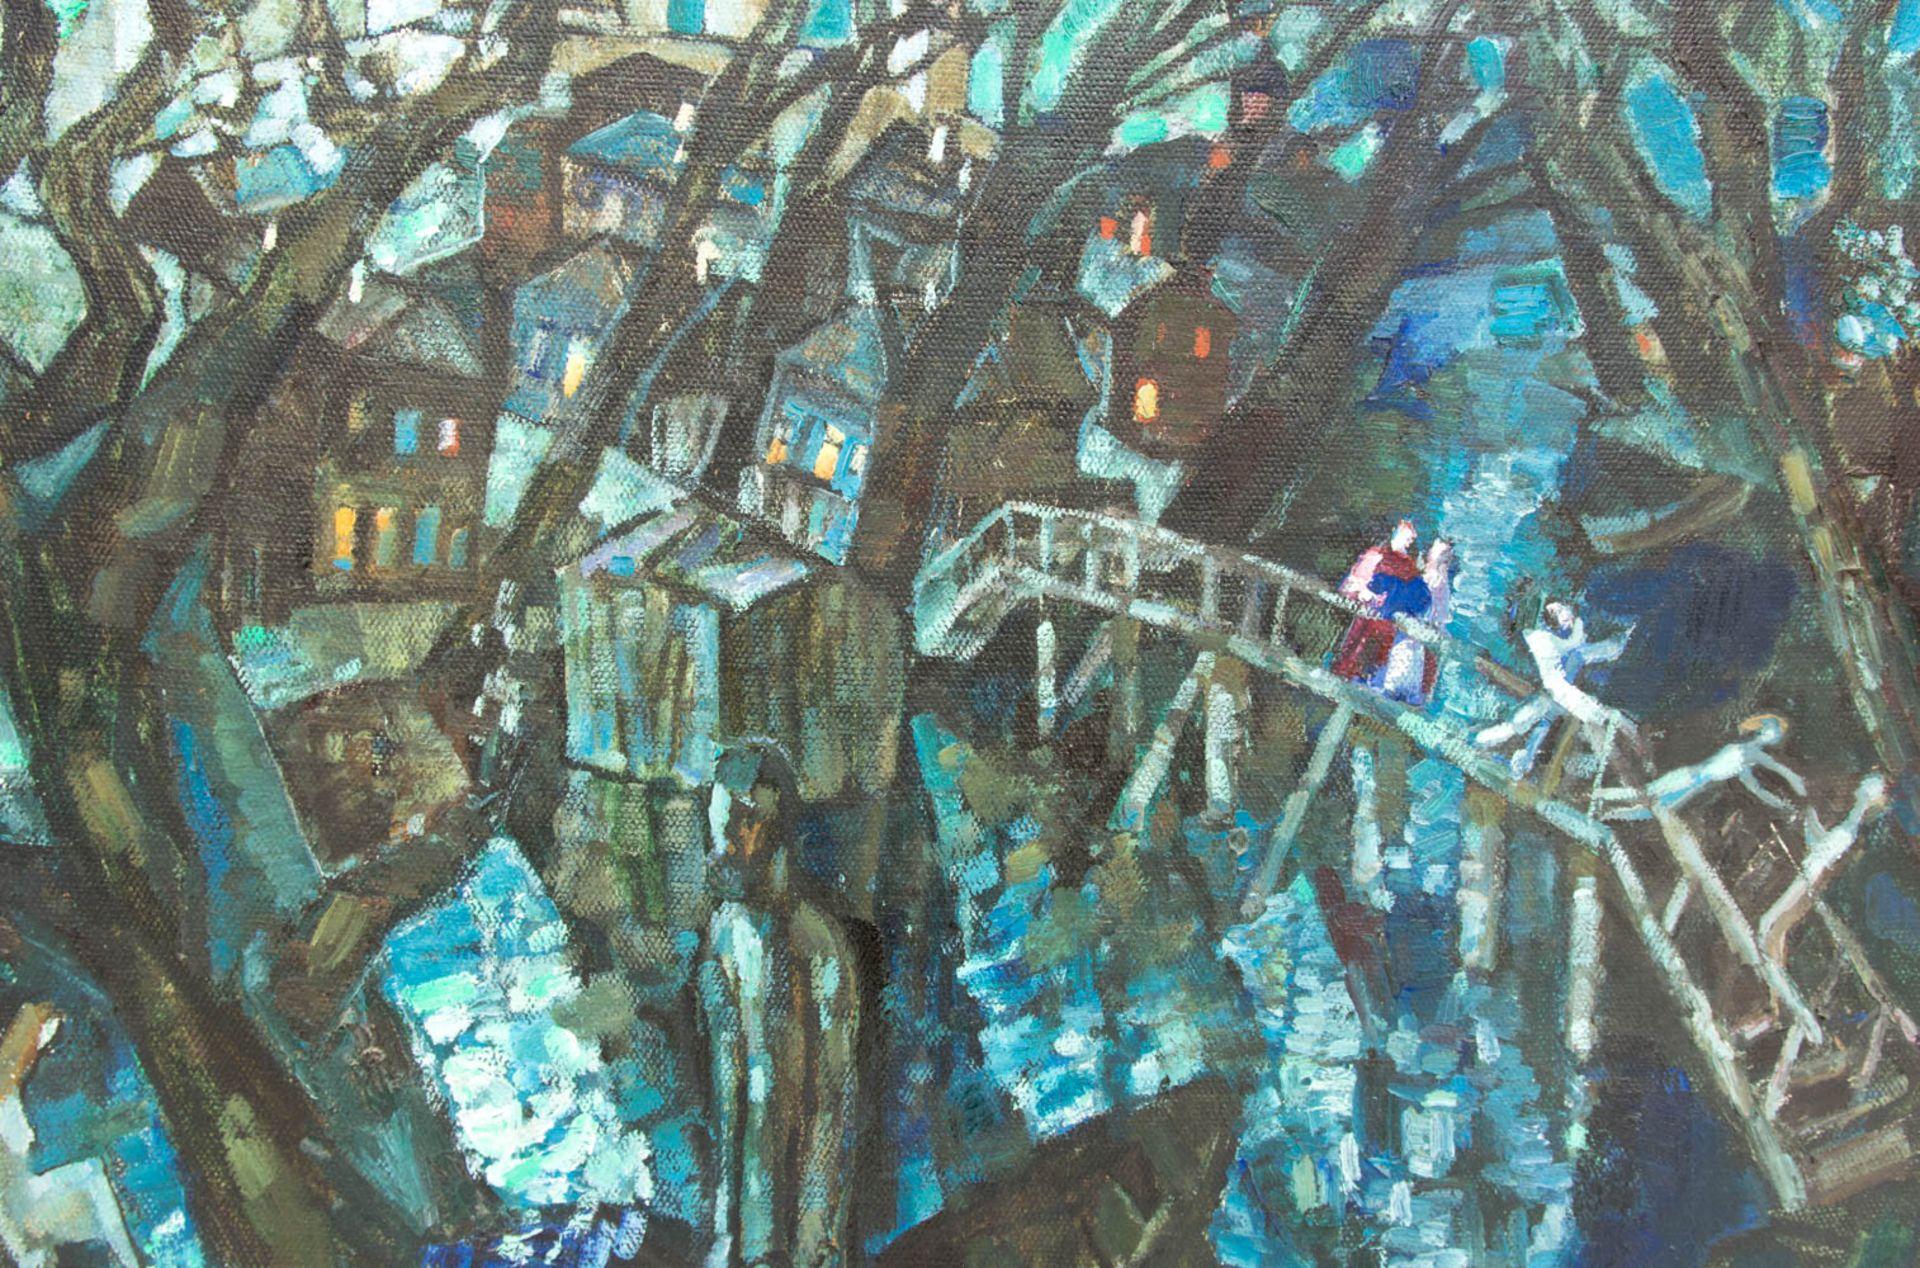 Abstrakte Komposition mit Bäumen, Stadt und Menschen, Acryl auf Leinwand.Rückseite m - Bild 2 aus 5